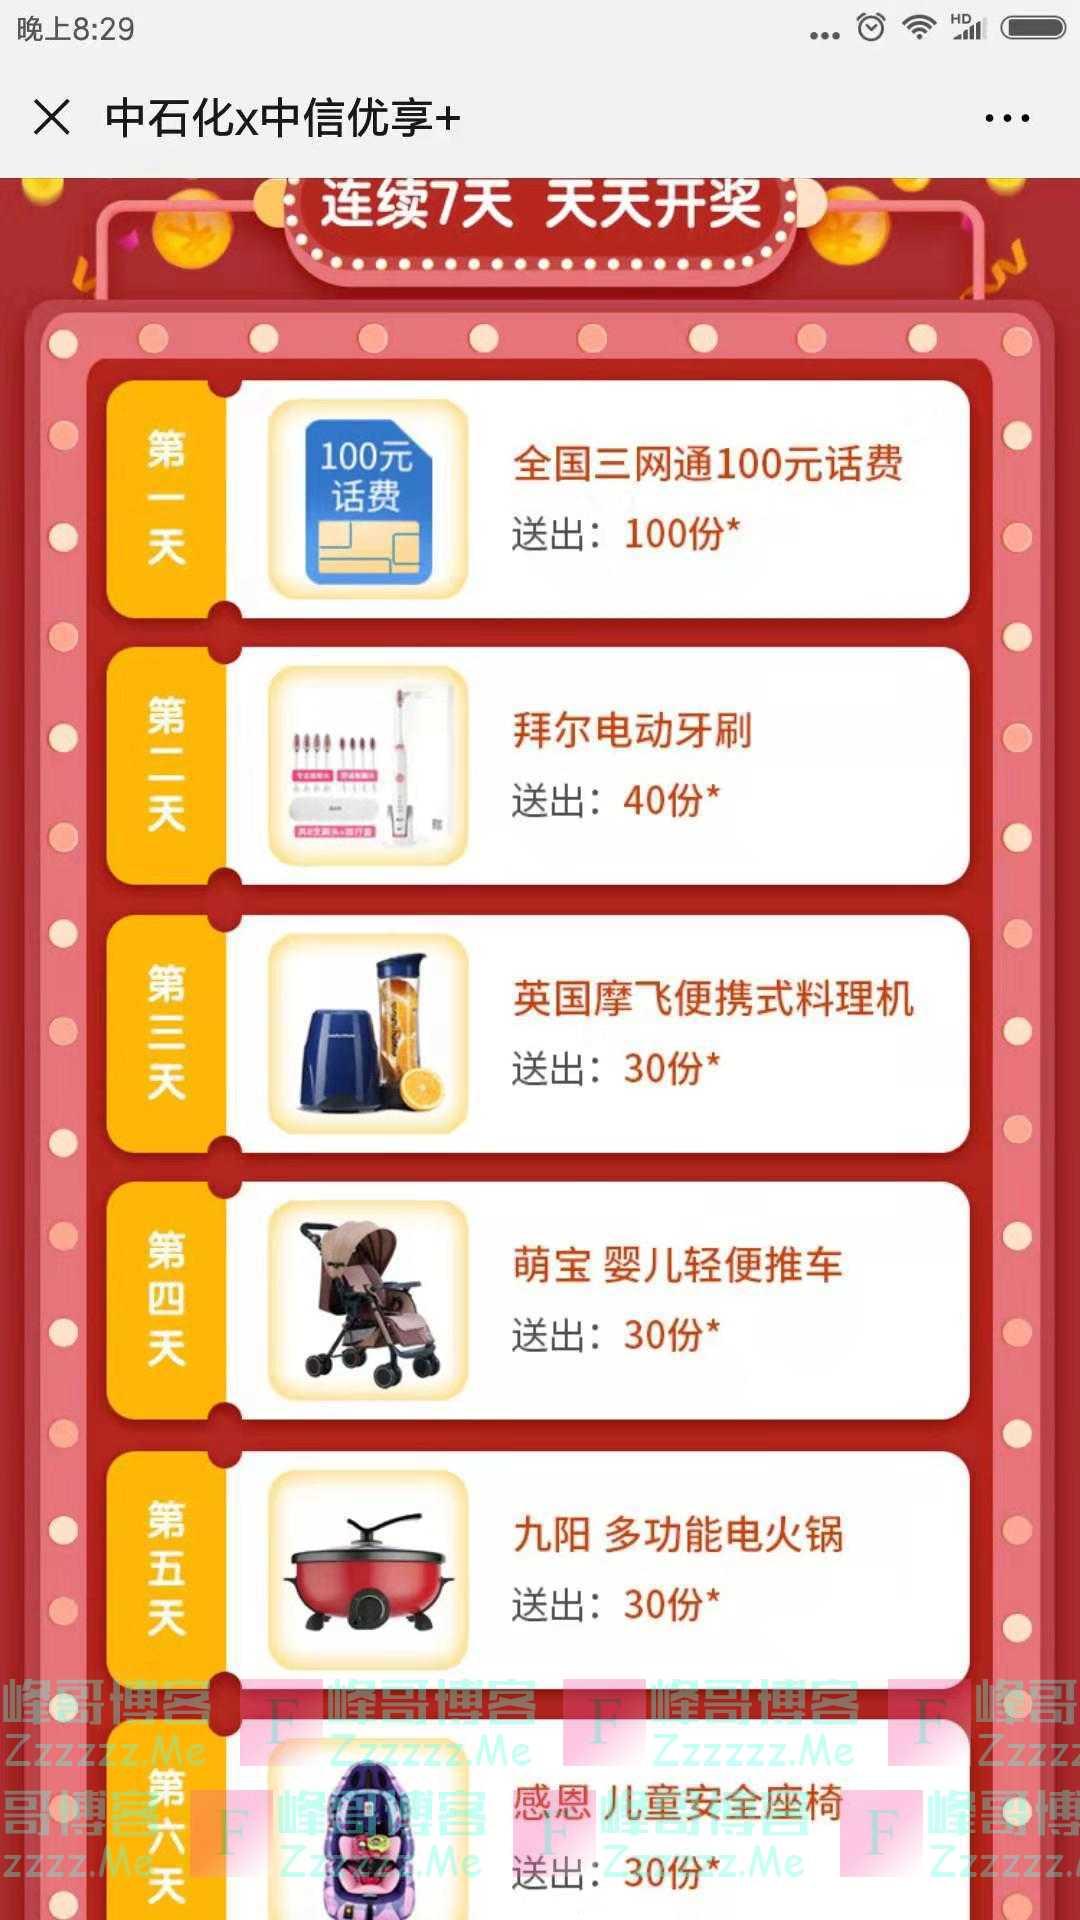 中国石化广东石油分公司石仔 X 中信优享+ 联名集卡活动(截止12月31日)